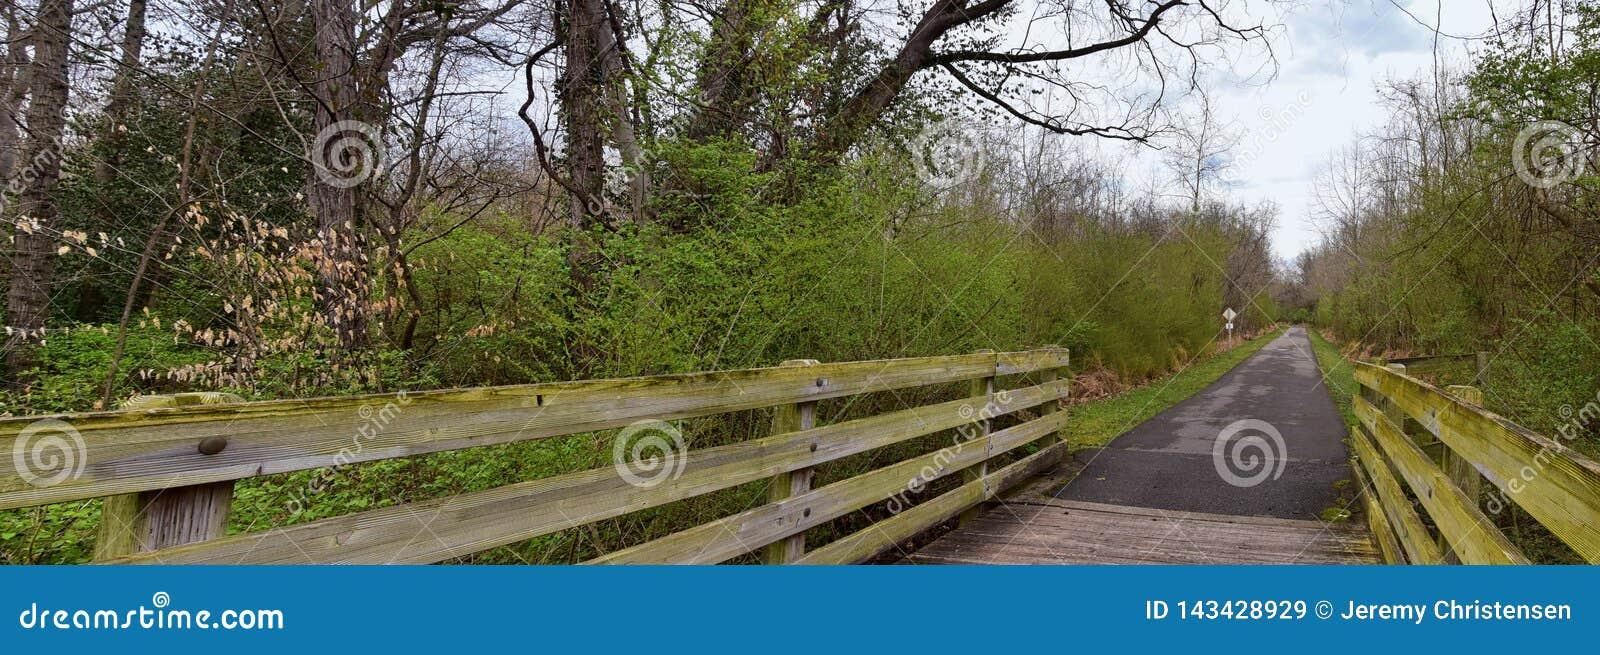 Απόψεις των γεφυρών και των διαβάσεων κατά μήκος των κατώτατων σημείων Greenway της Shelby και των φυσικών ιχνών frontage ποταμών